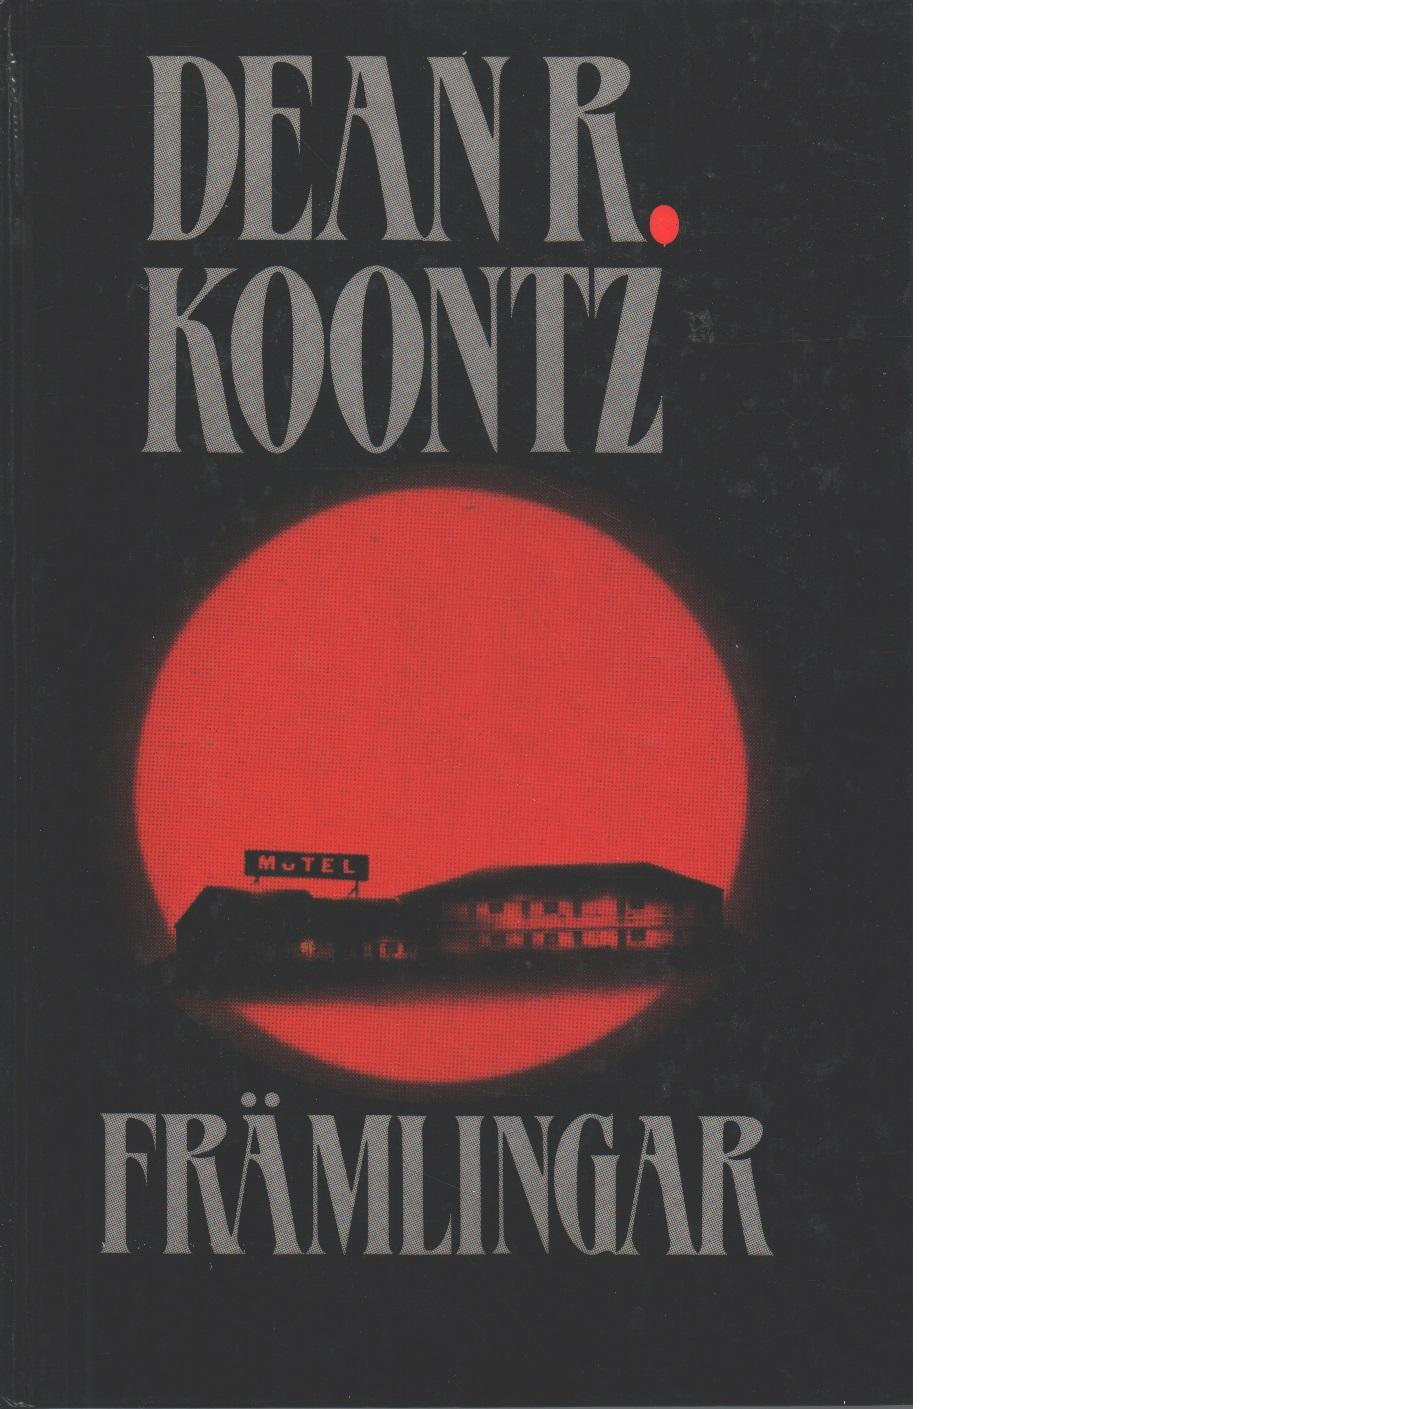 Främlingar - Koontz, Dean R.